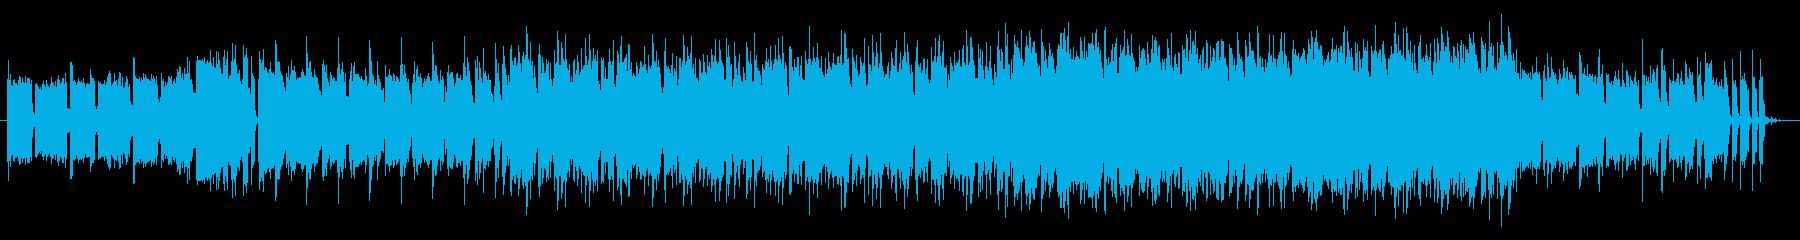 爽やかでスタイリッシュなラテンハウスOPの再生済みの波形